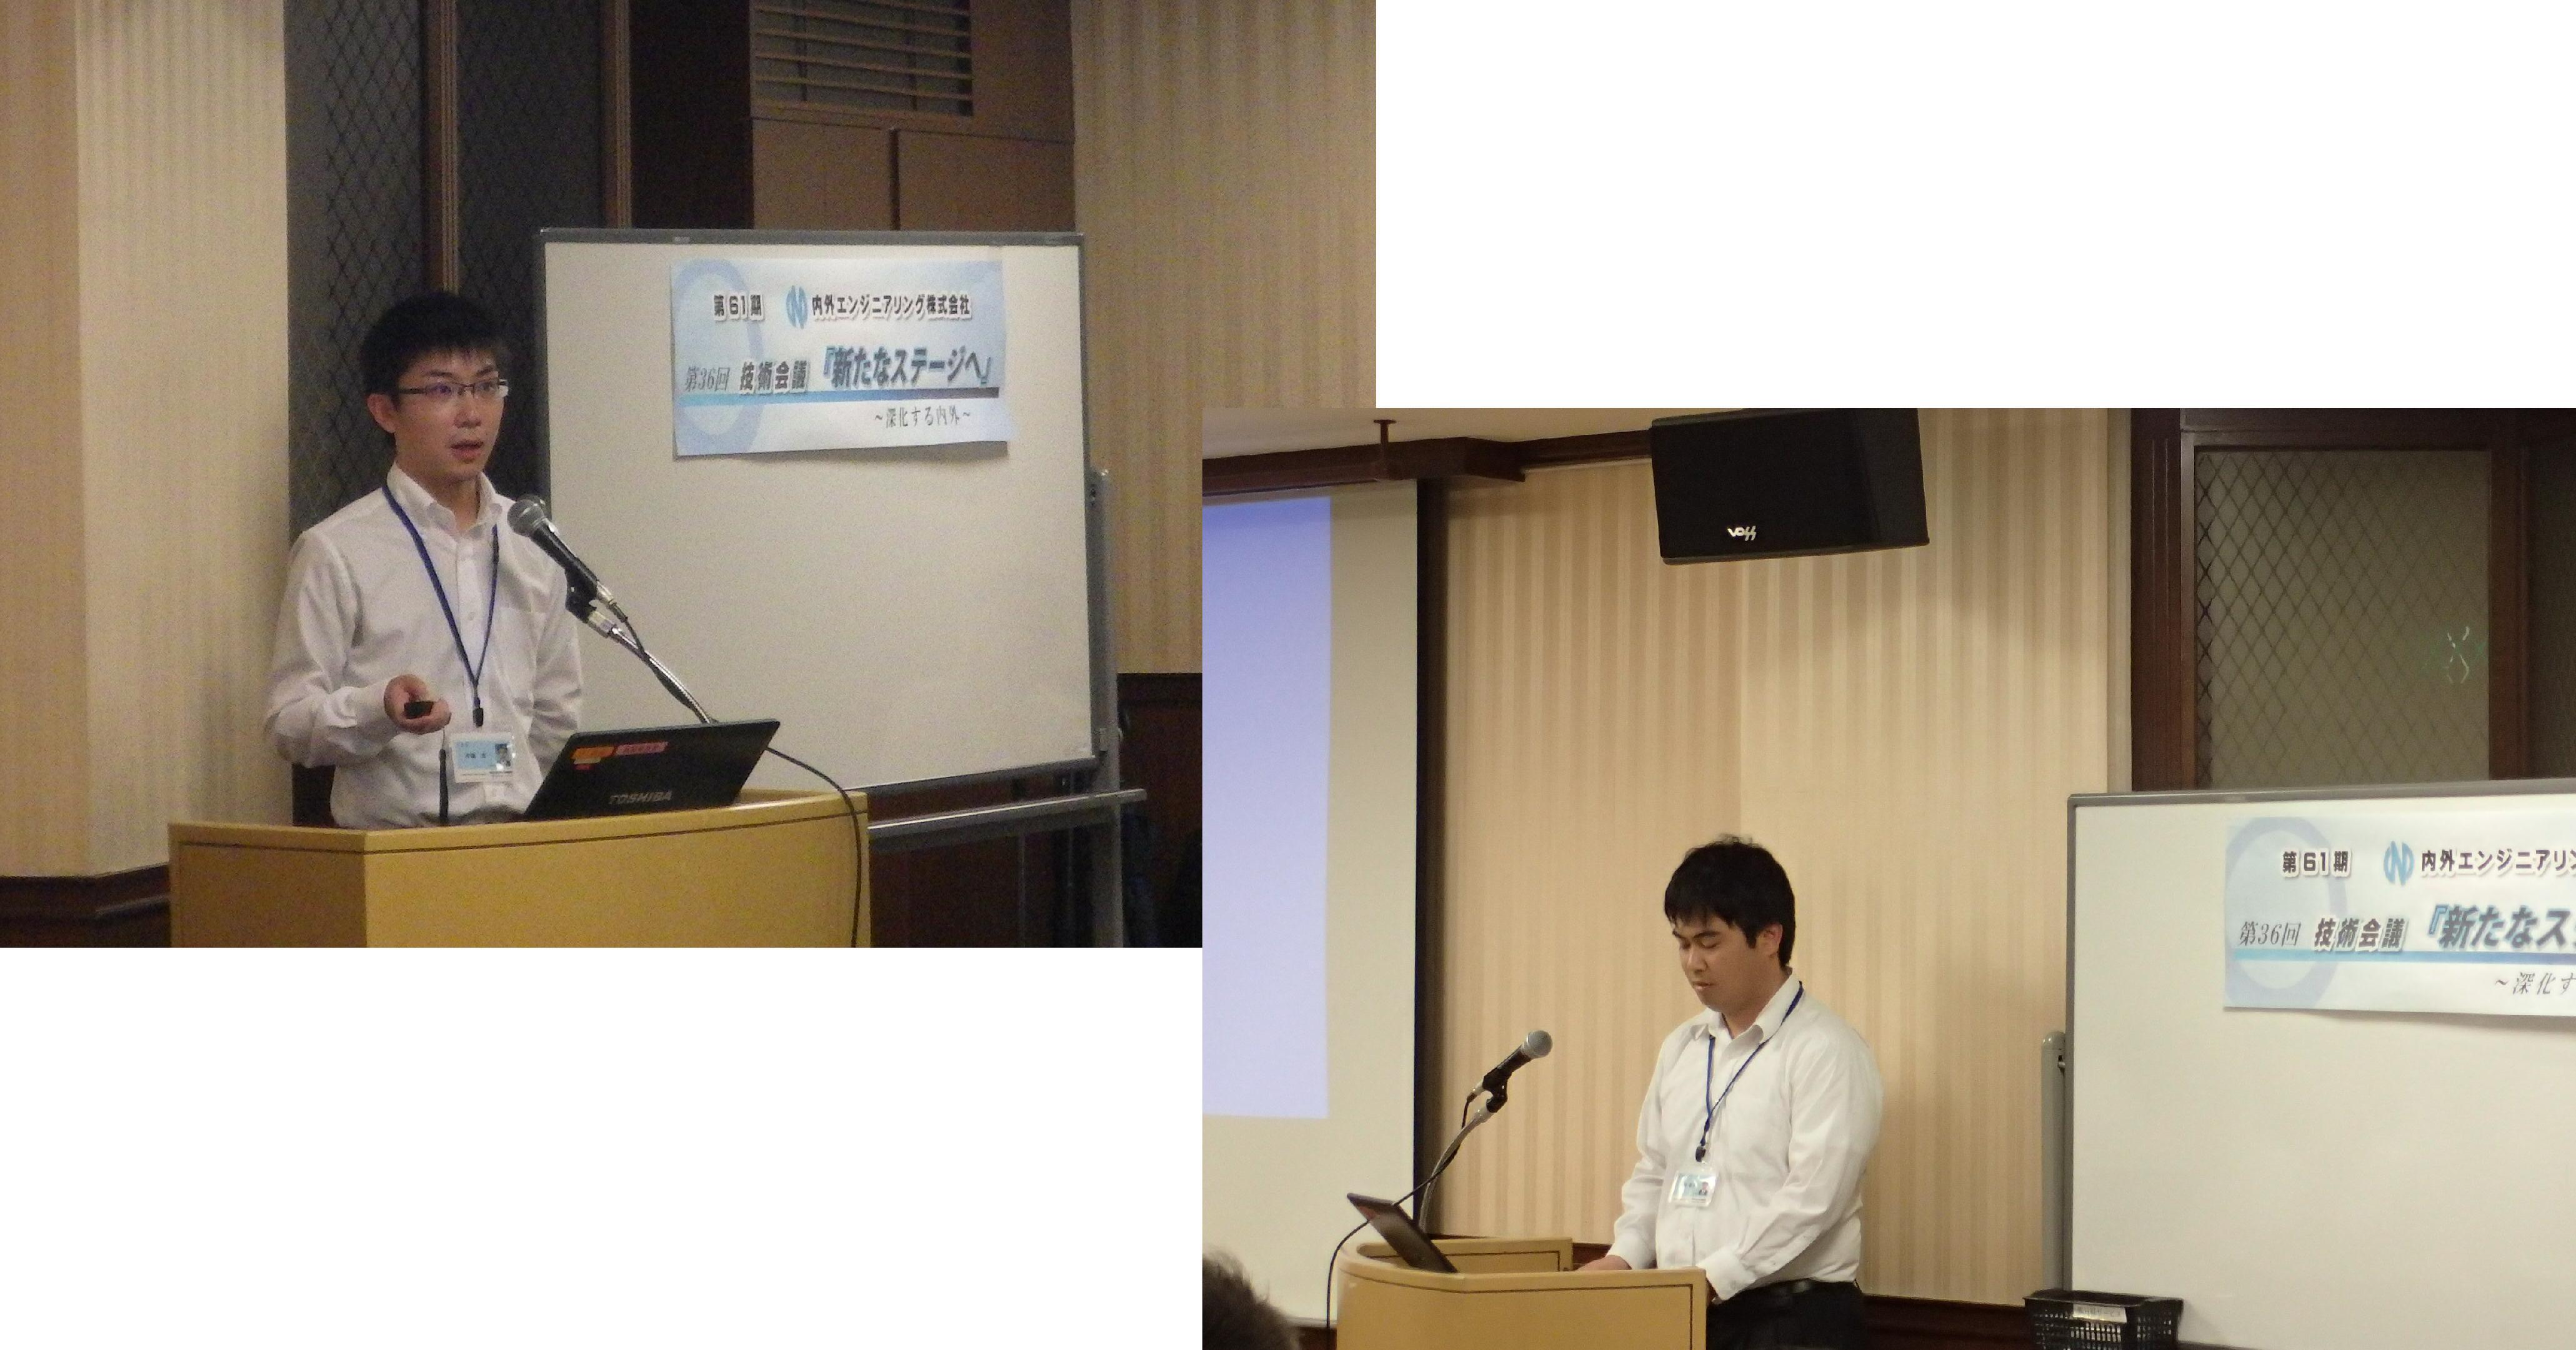 61期_技術会議_発表2.jpg